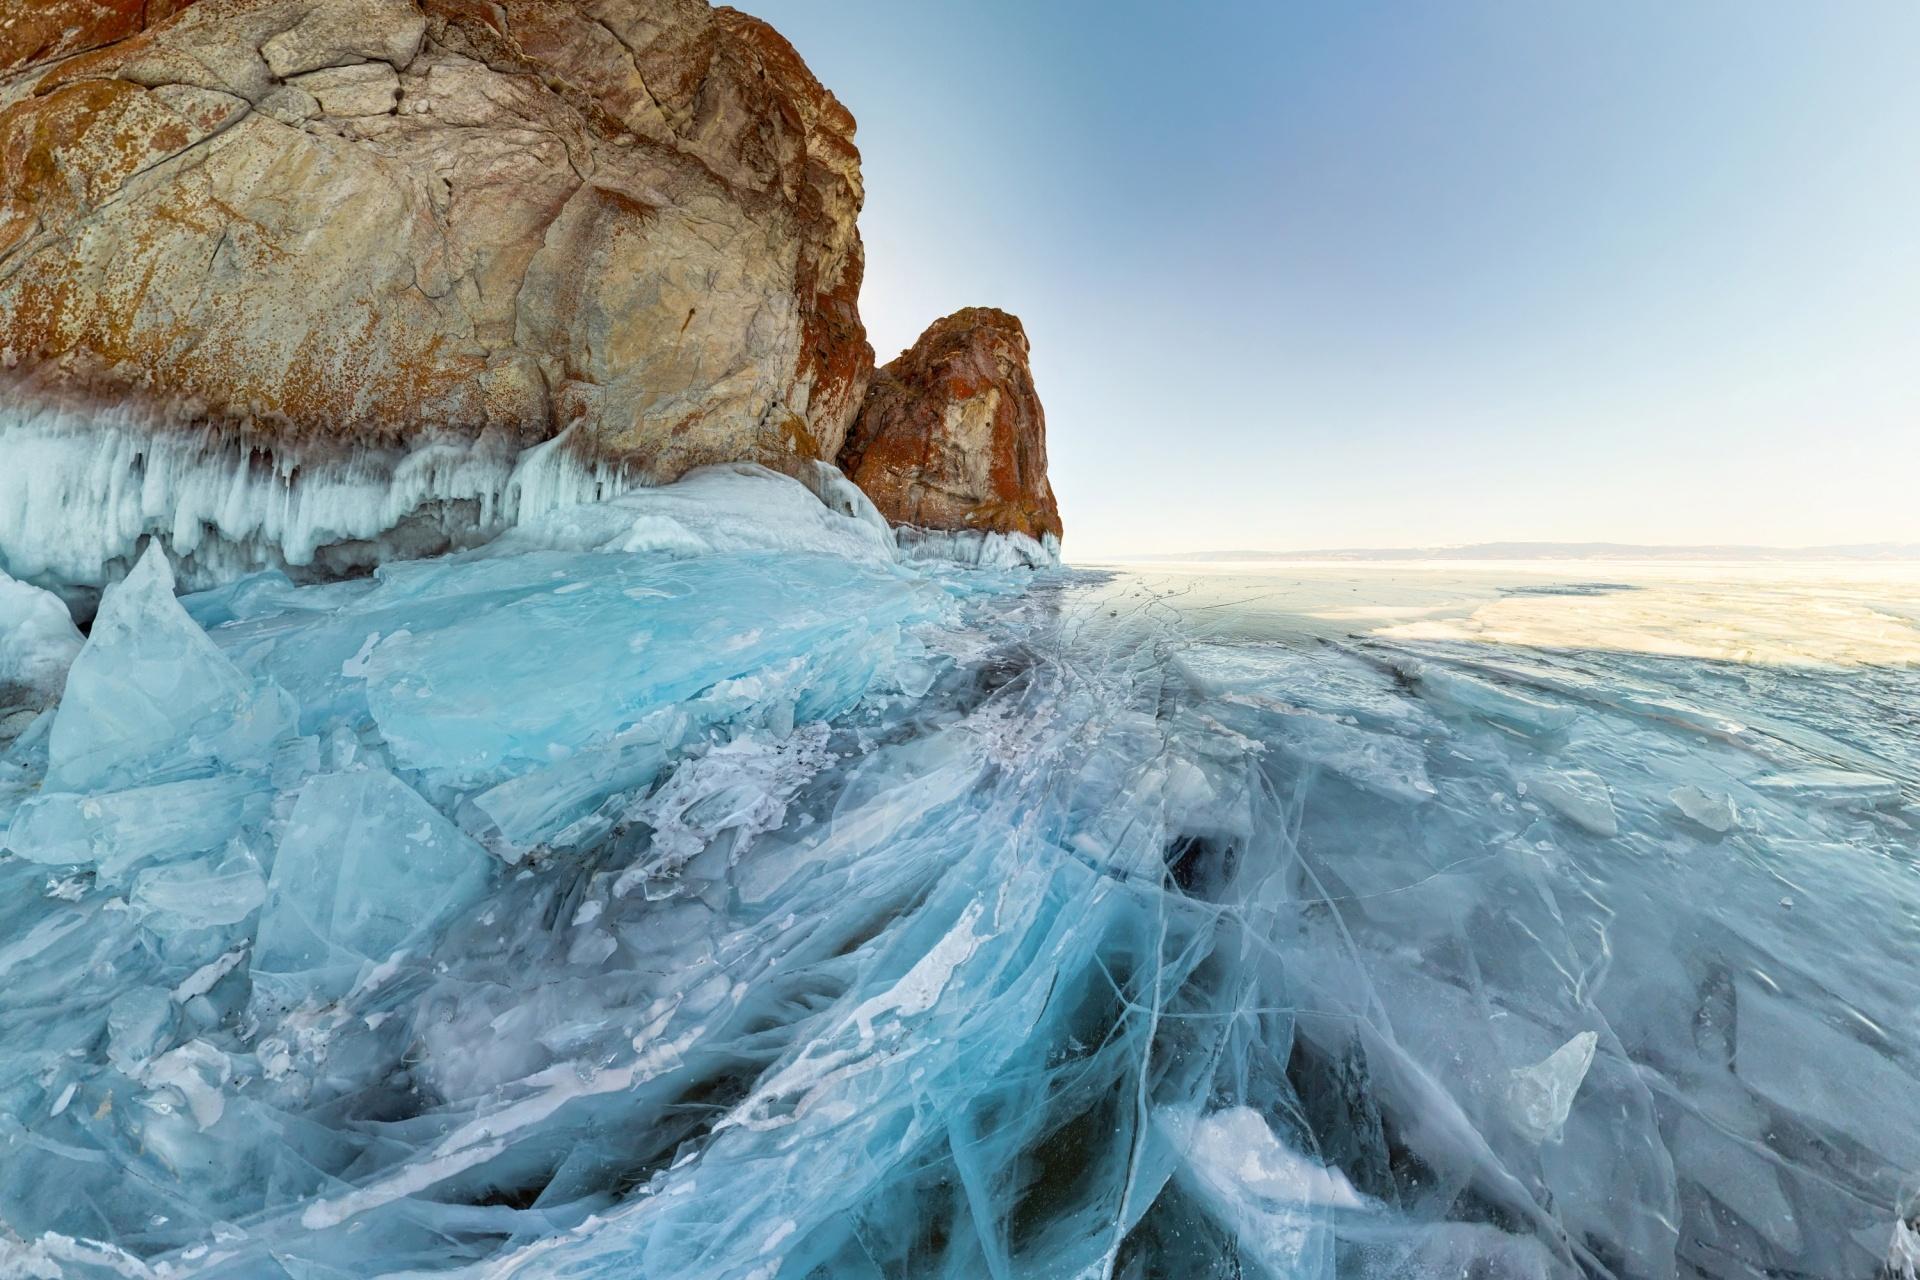 オリホン島 冬のバイカル湖の風景